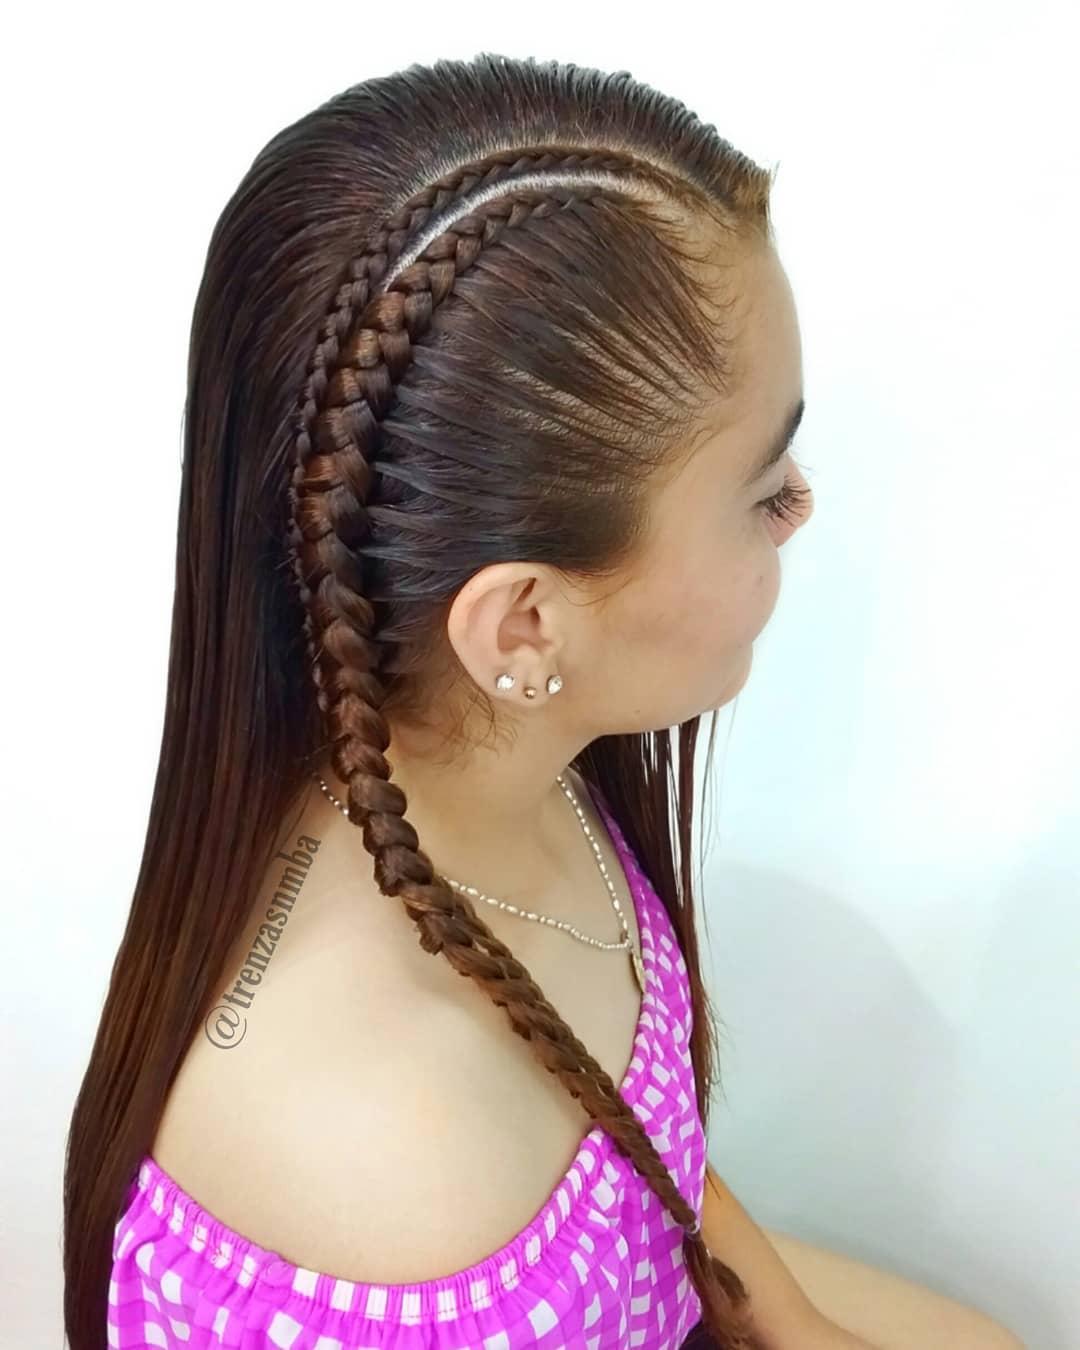 Hola🤗. Les Comparto Esta Sencilla Trenz Haircut - Hairstyles For Girls